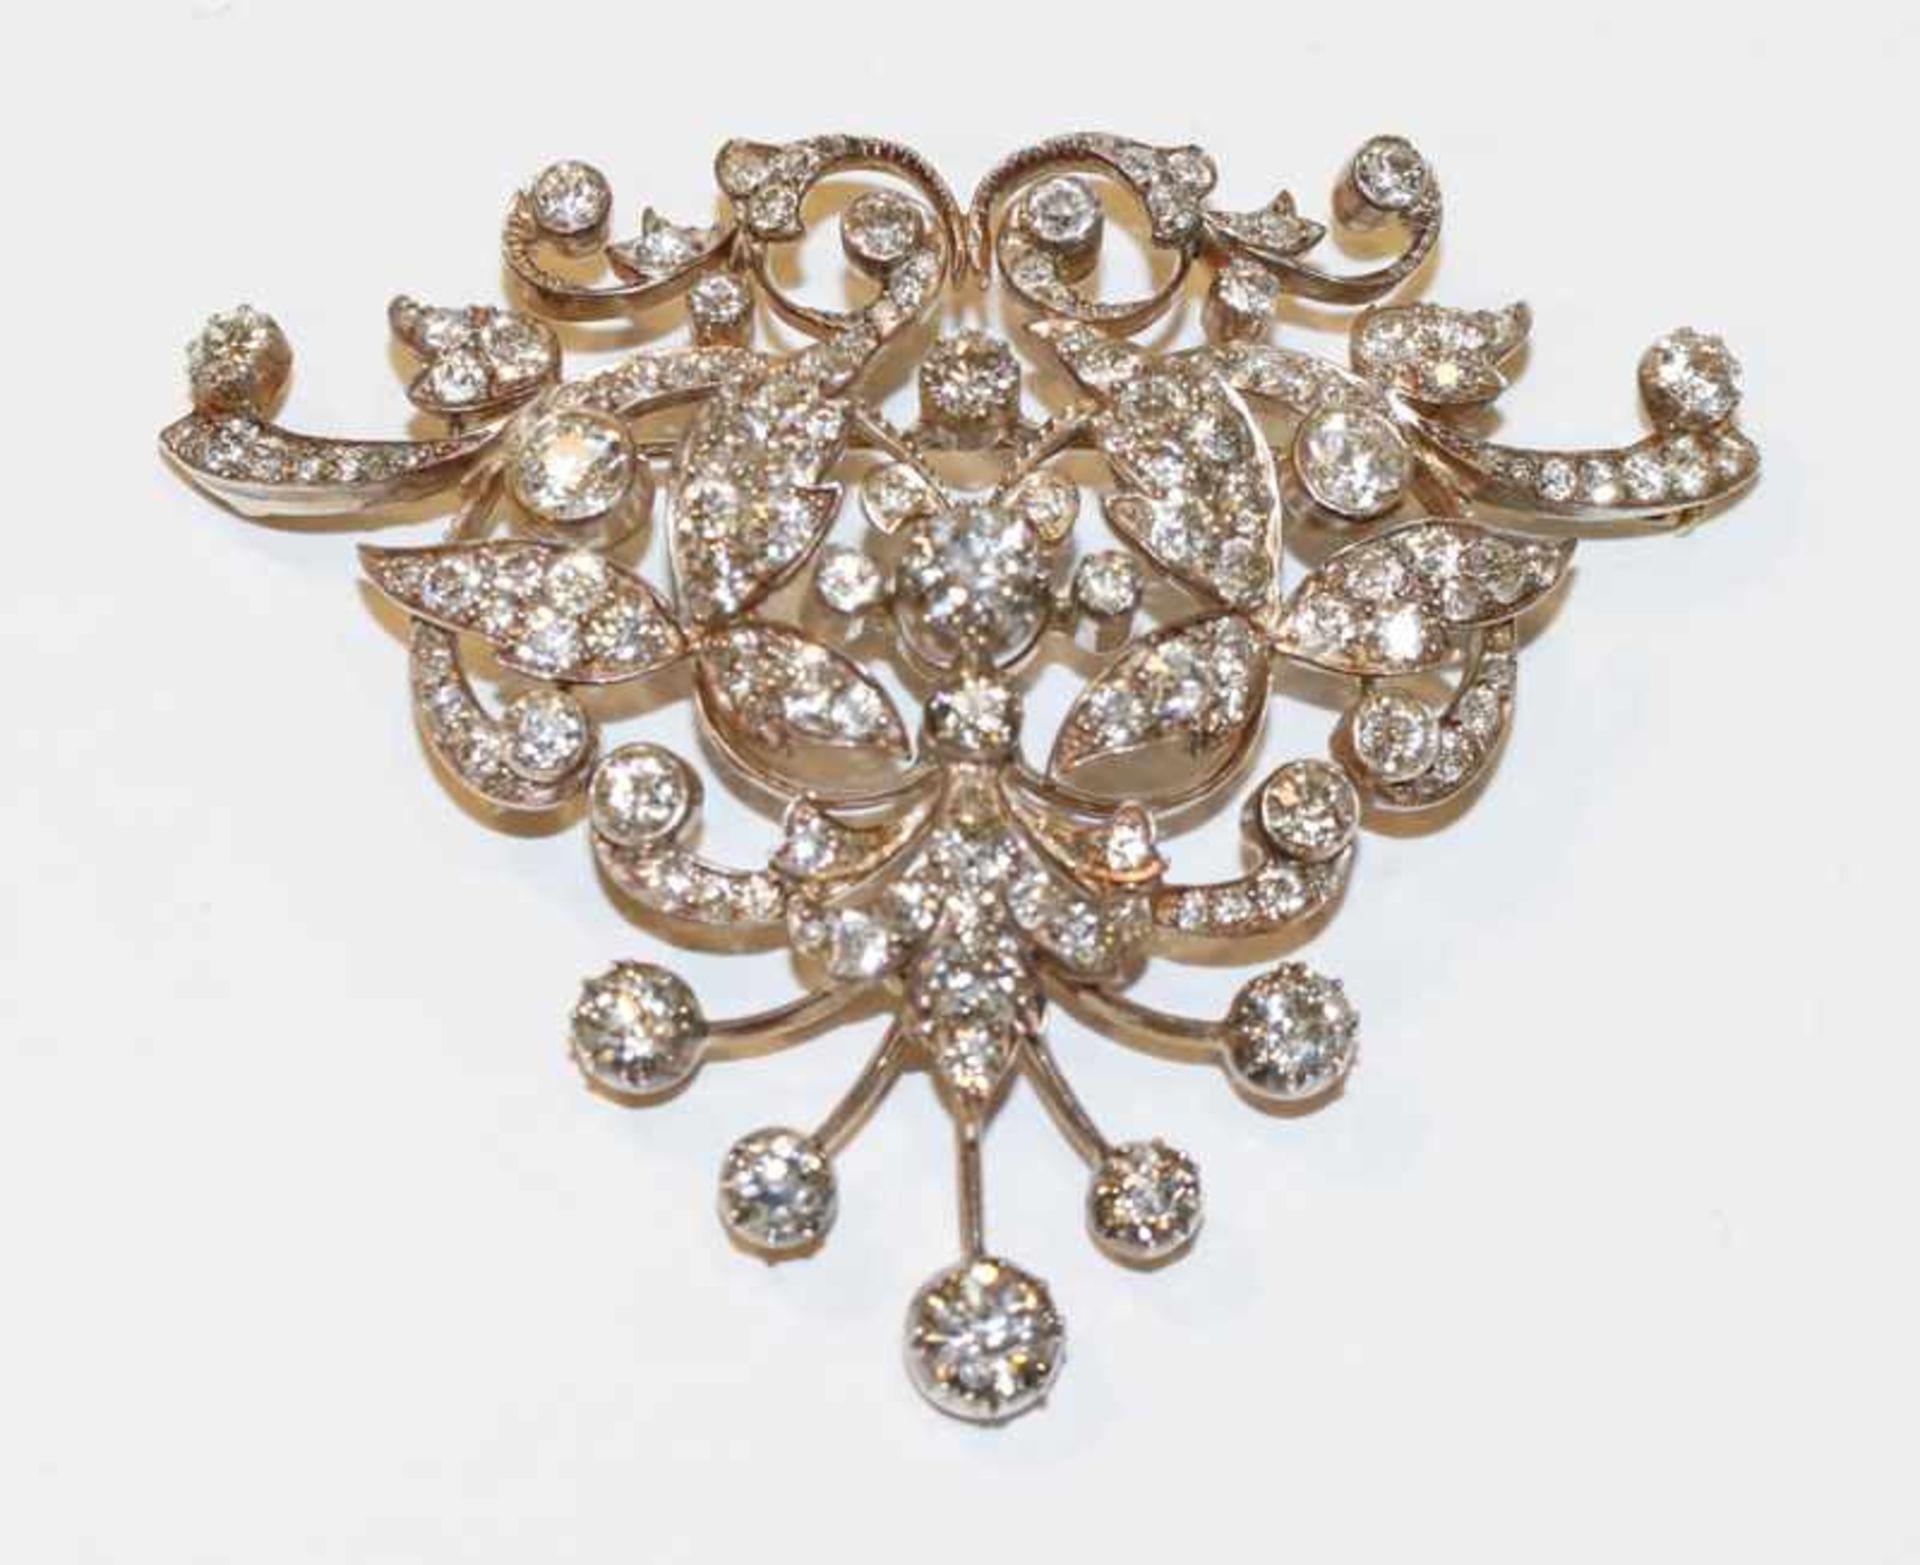 Los 54 - Dekorative 14 k Gelbgold und Silber (geprüft) Brosche, zus. ca. 10 ct. Diamanten, wohl Teil eines